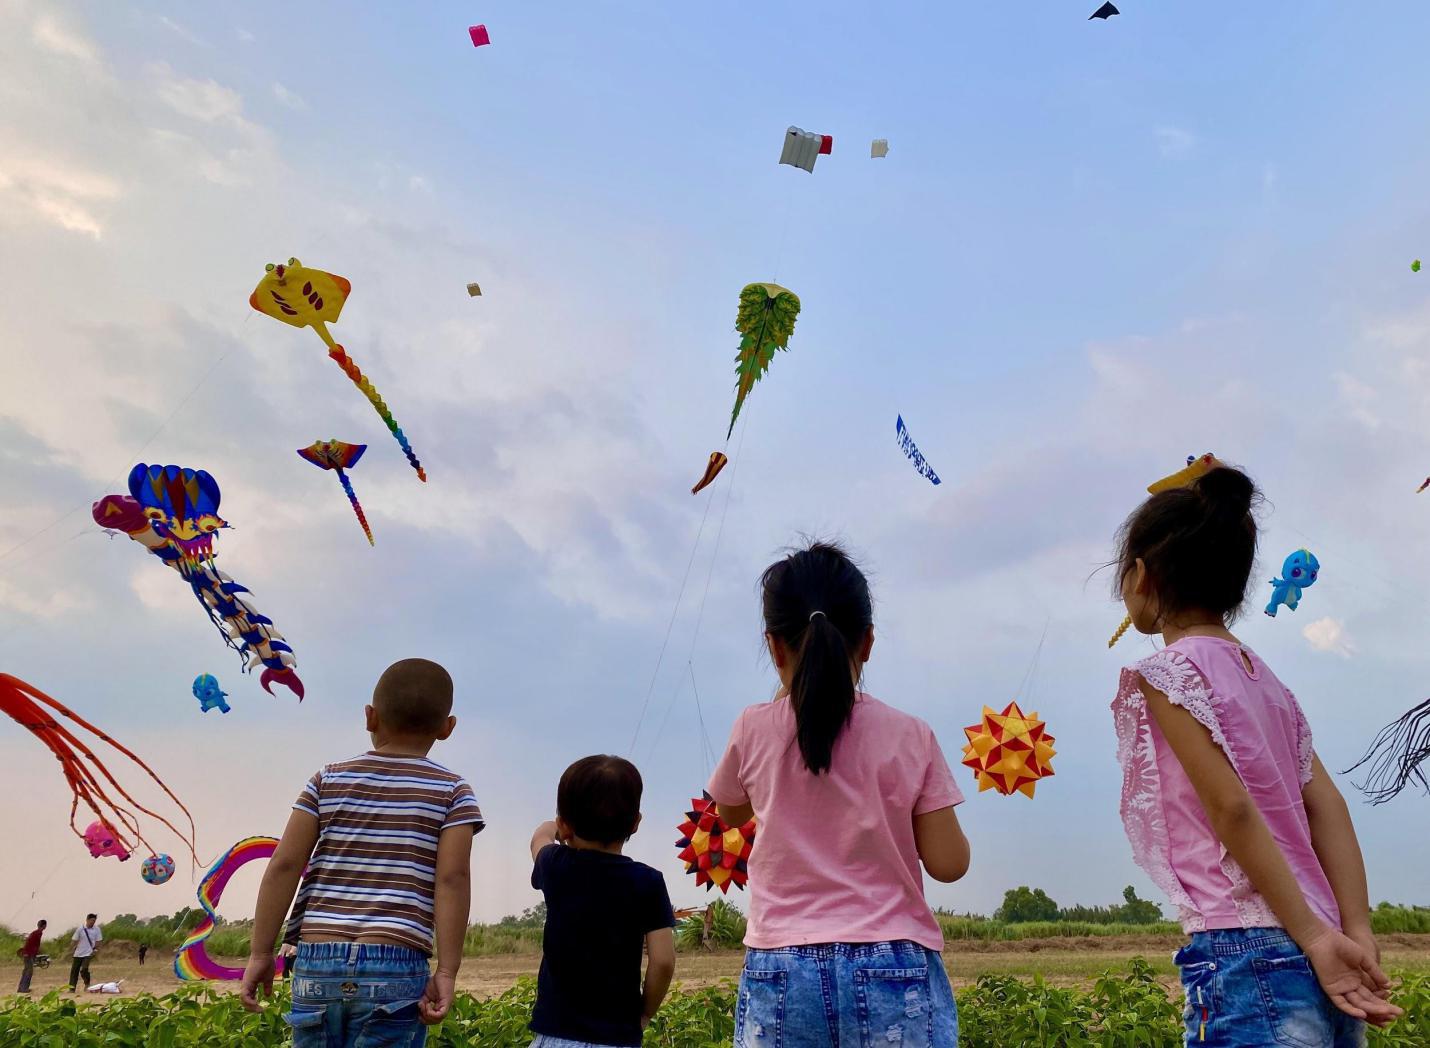 Một vé ôn lại tuổi thơ với cánh đồng diều lộng gió ngay sát Sài Gòn - Ảnh 2.